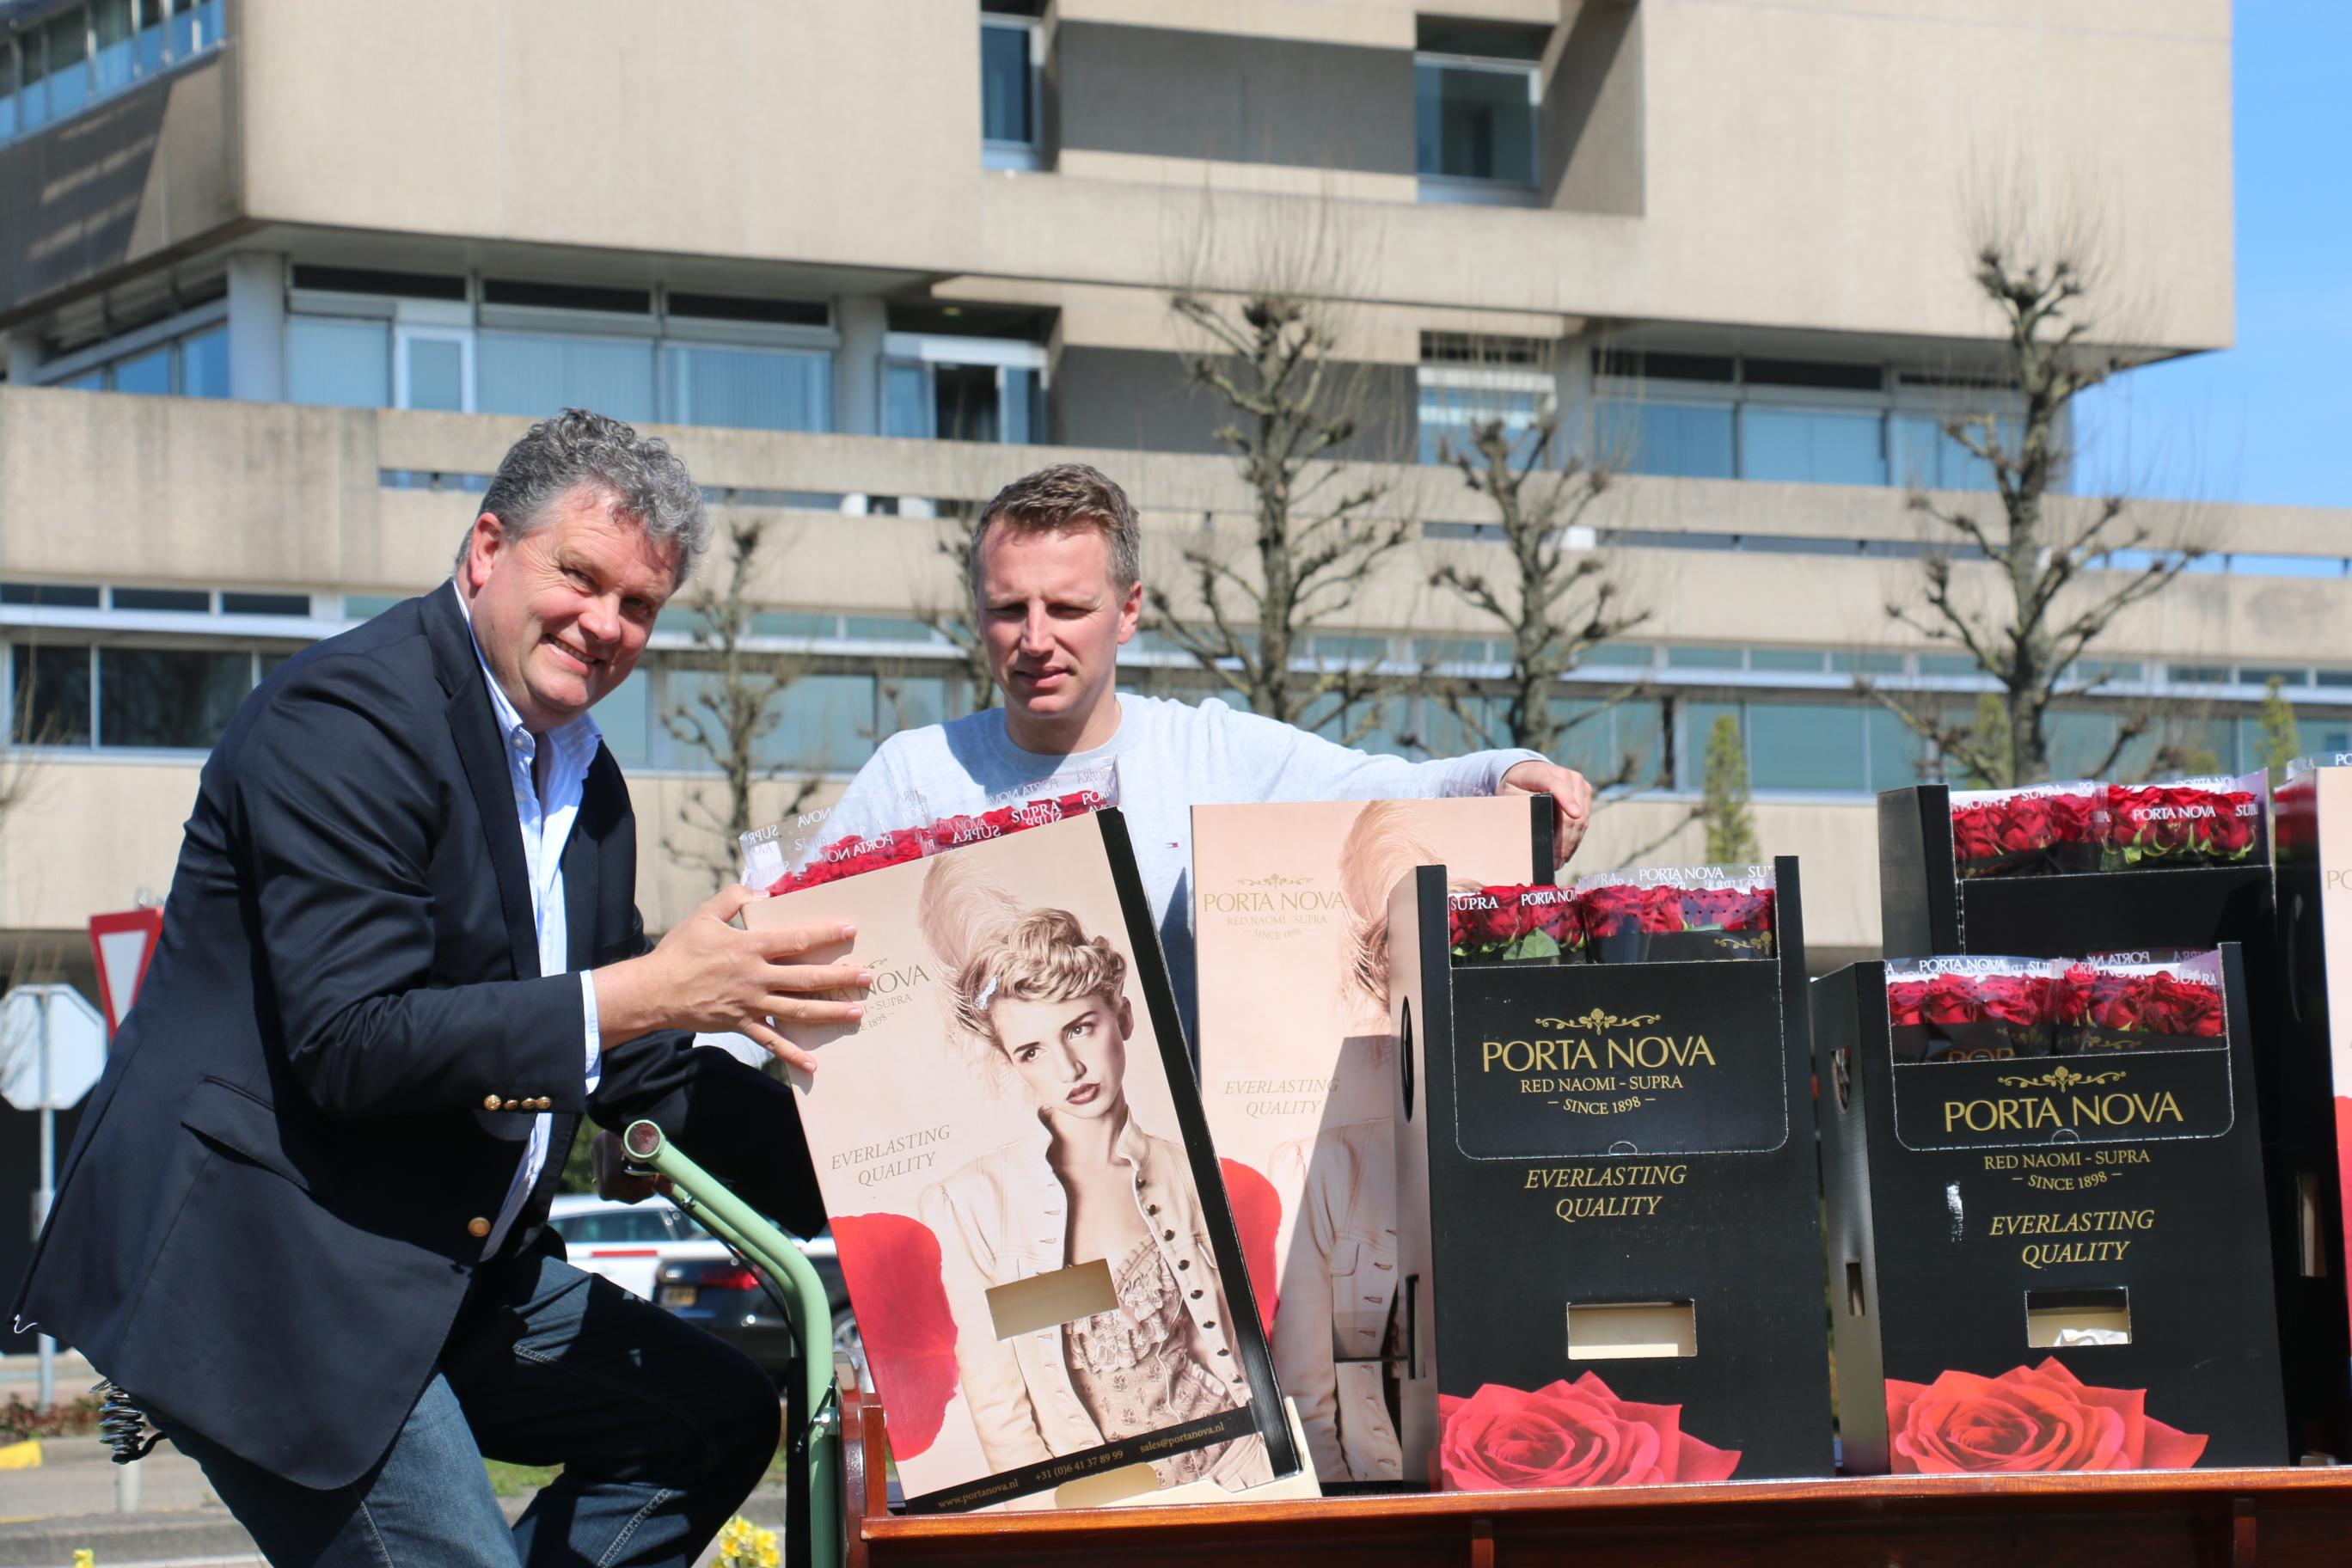 Porta Nova Red Naomi rose Barendsen St Jordi's Day